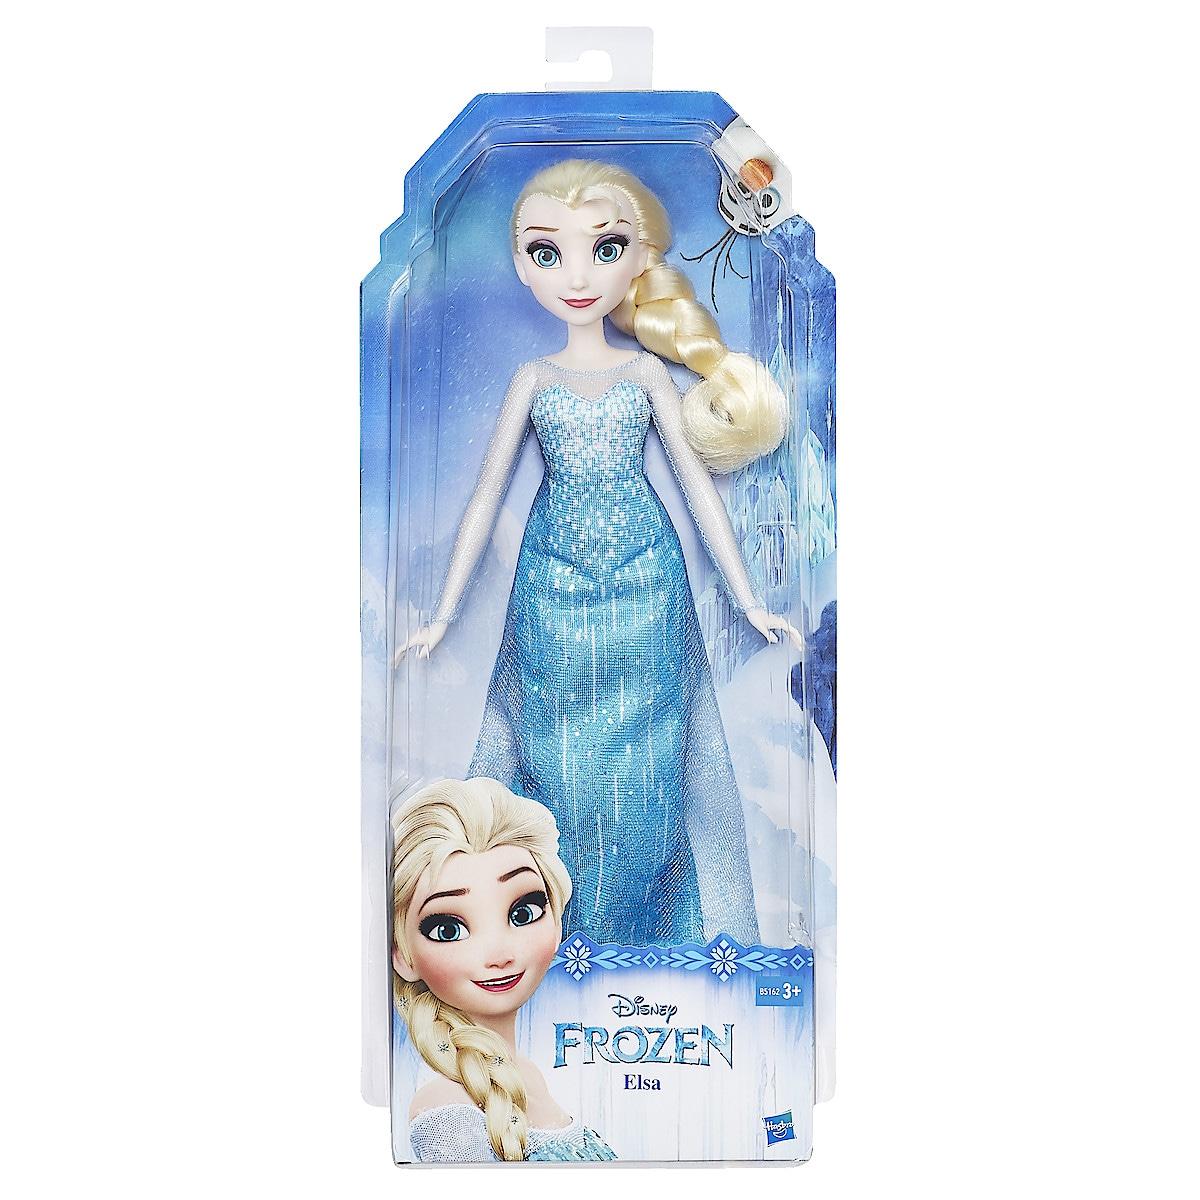 Dukken Elsa fra Disneys Frozen, 28 cm